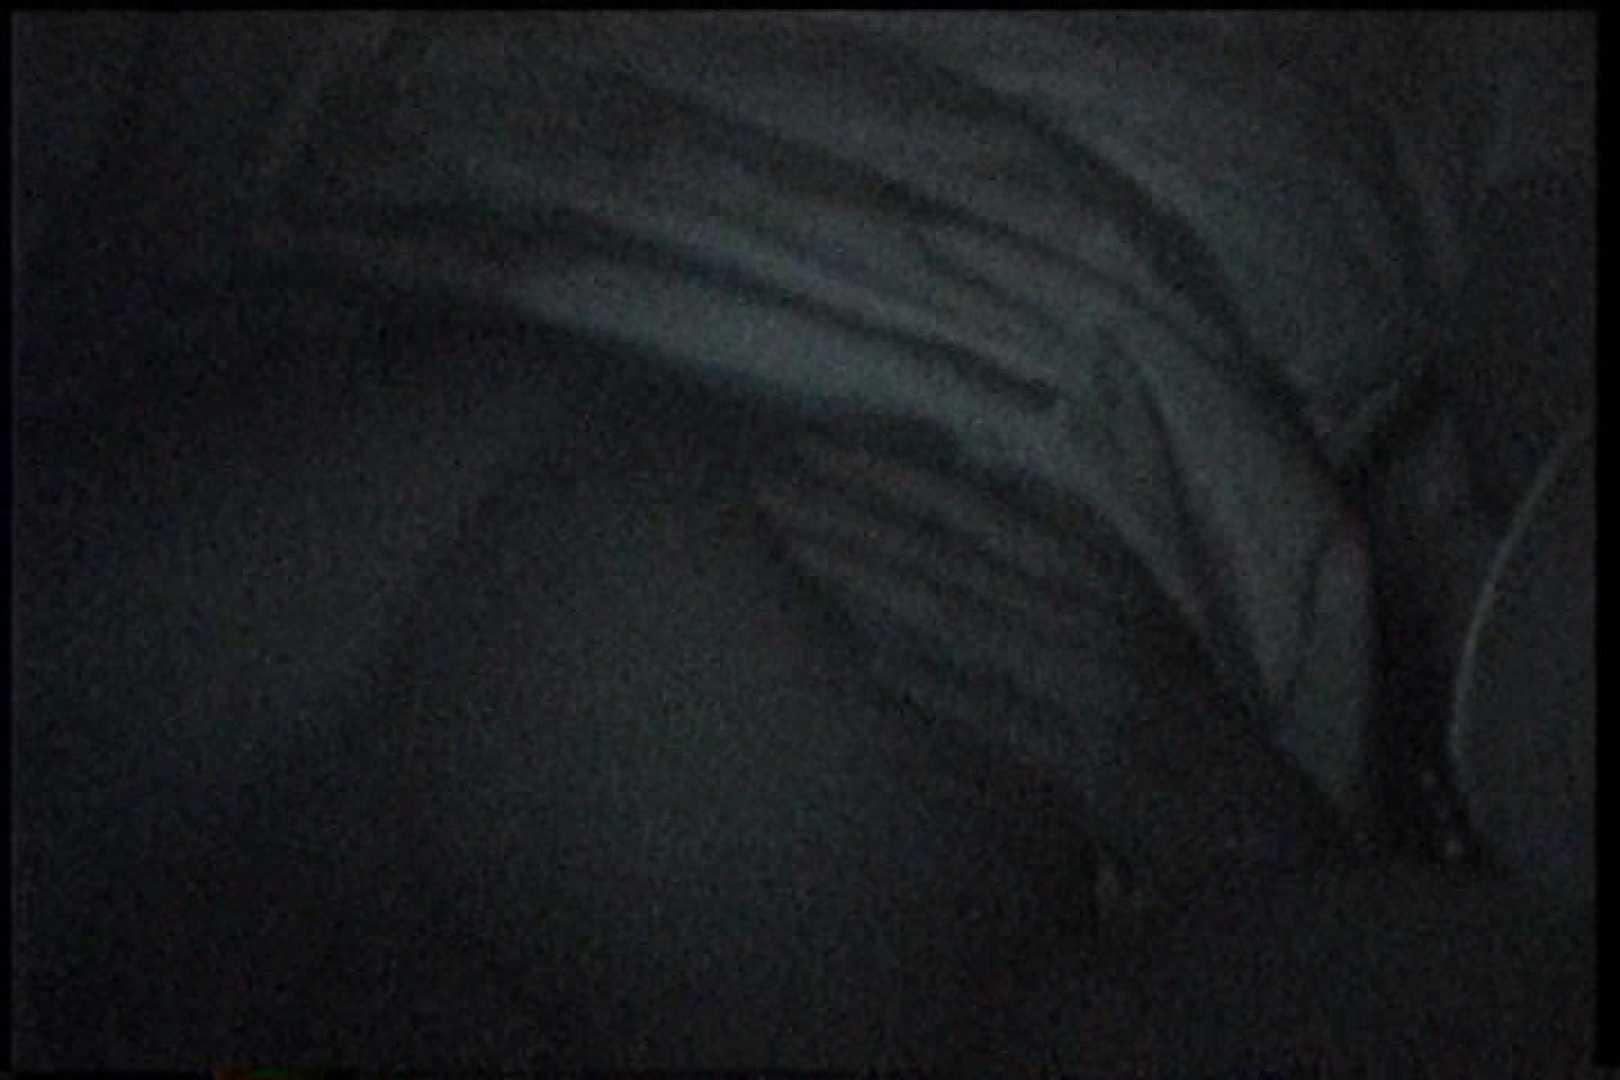 充血監督の深夜の運動会Vol.240 OLエロ画像  62PICs 60